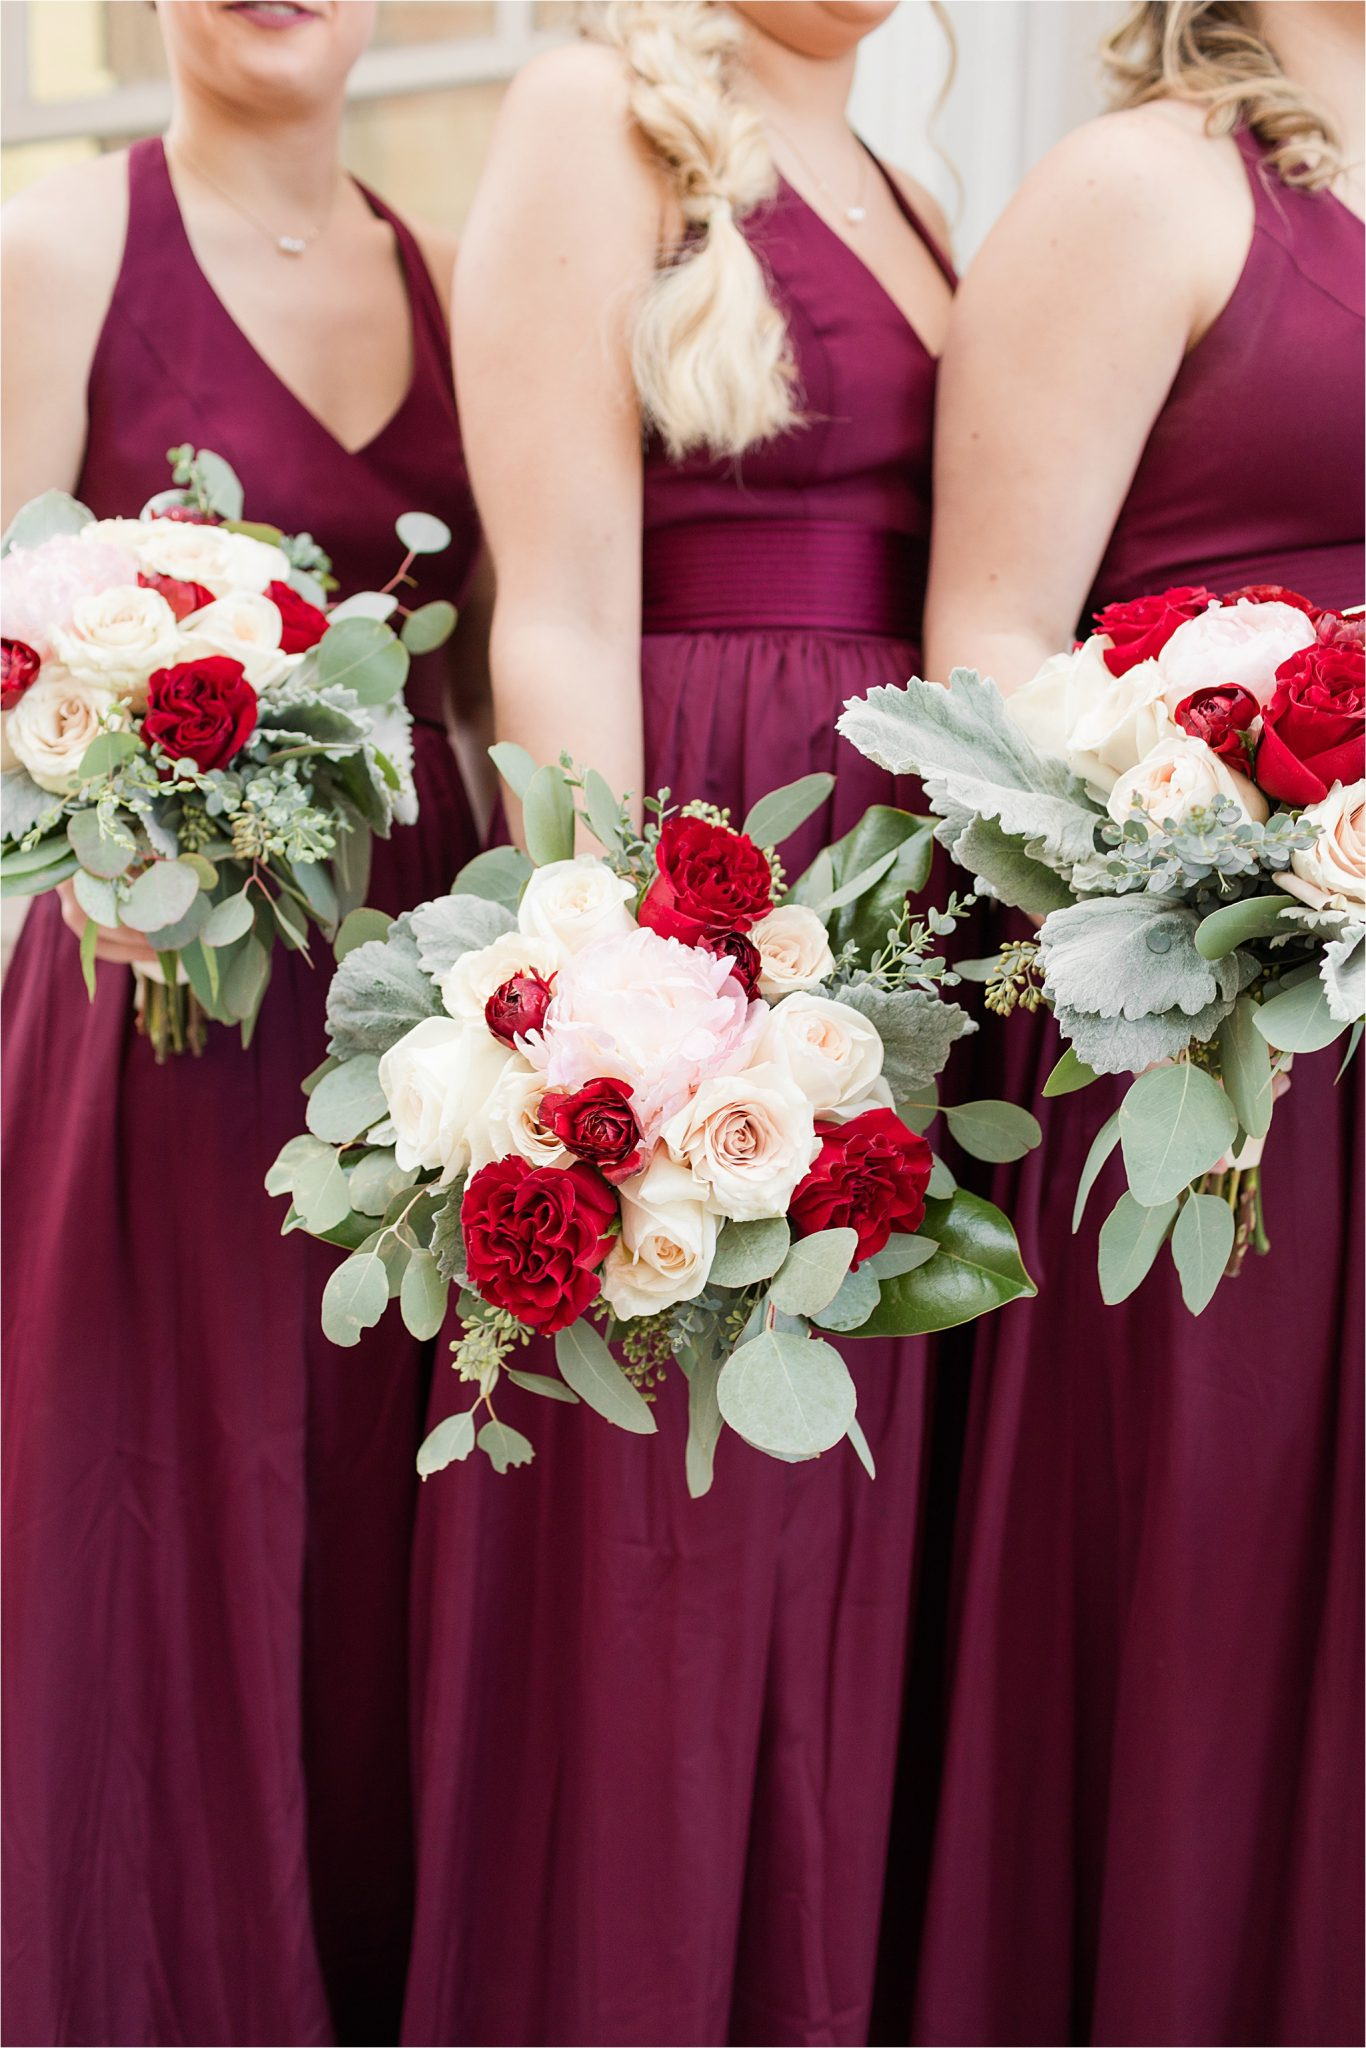 bridesmaids-deep-magenta-plum-dresses-red-white-roses-christmas-wedding-alabama